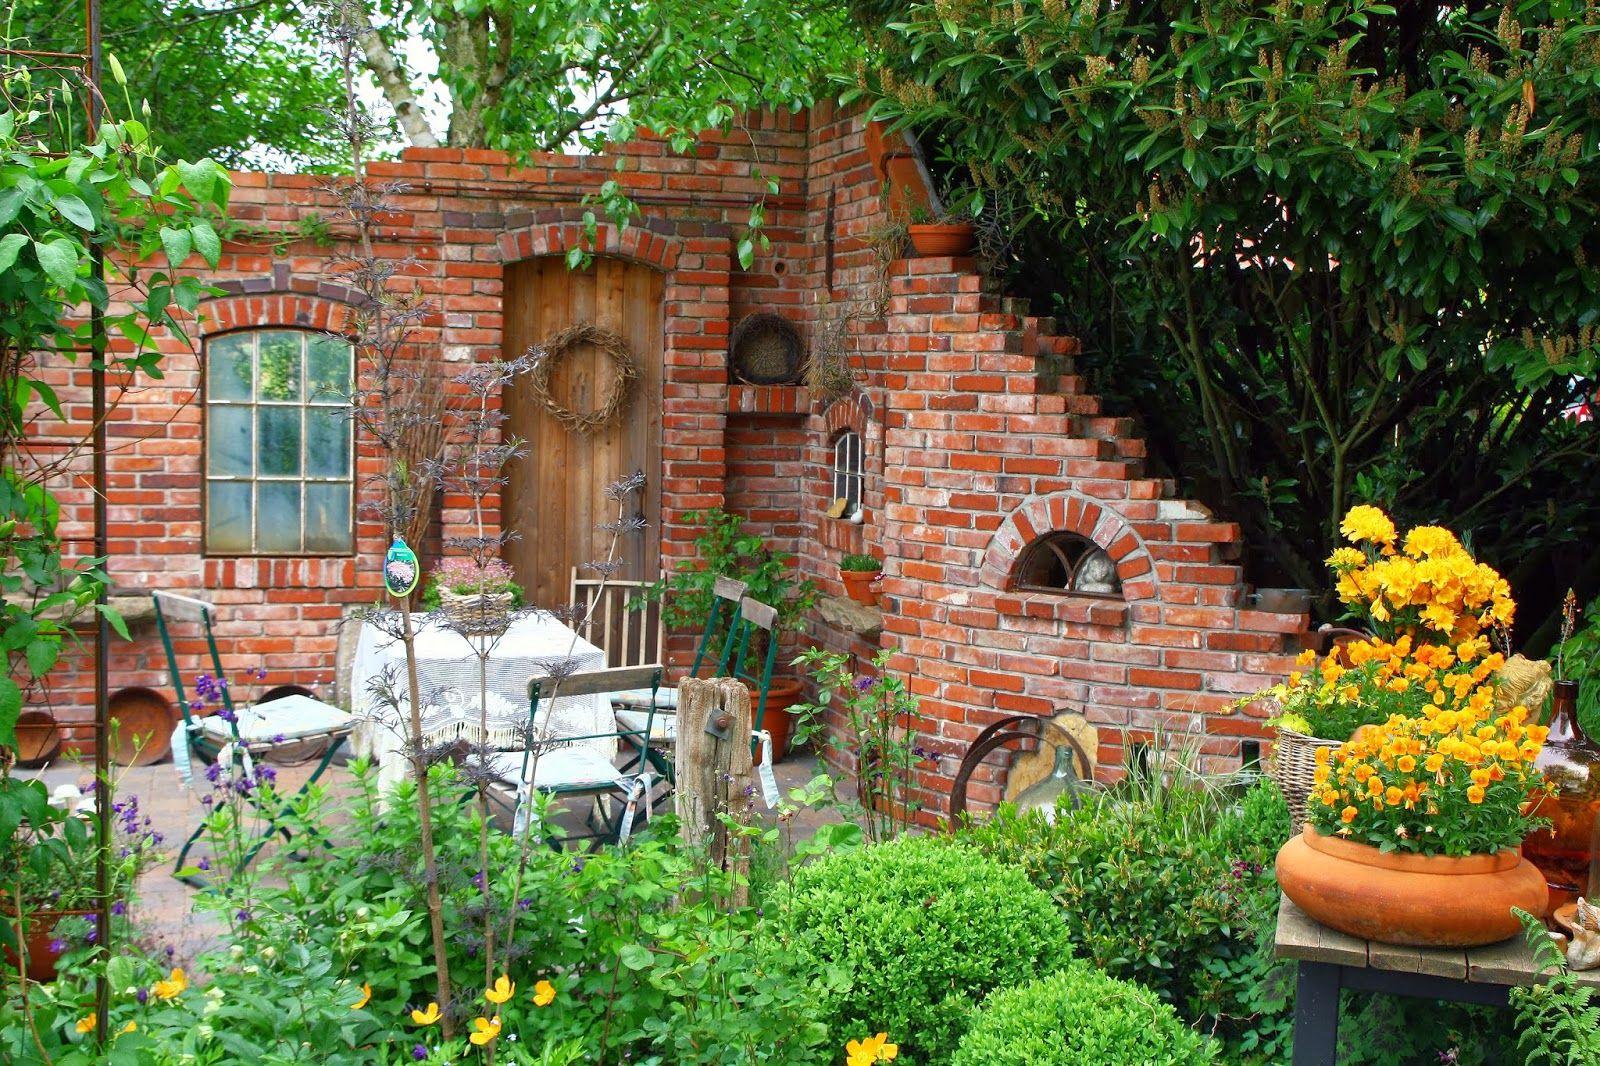 Ruinenmauer eine wundervolle Idee für eine Sitzecke oder als